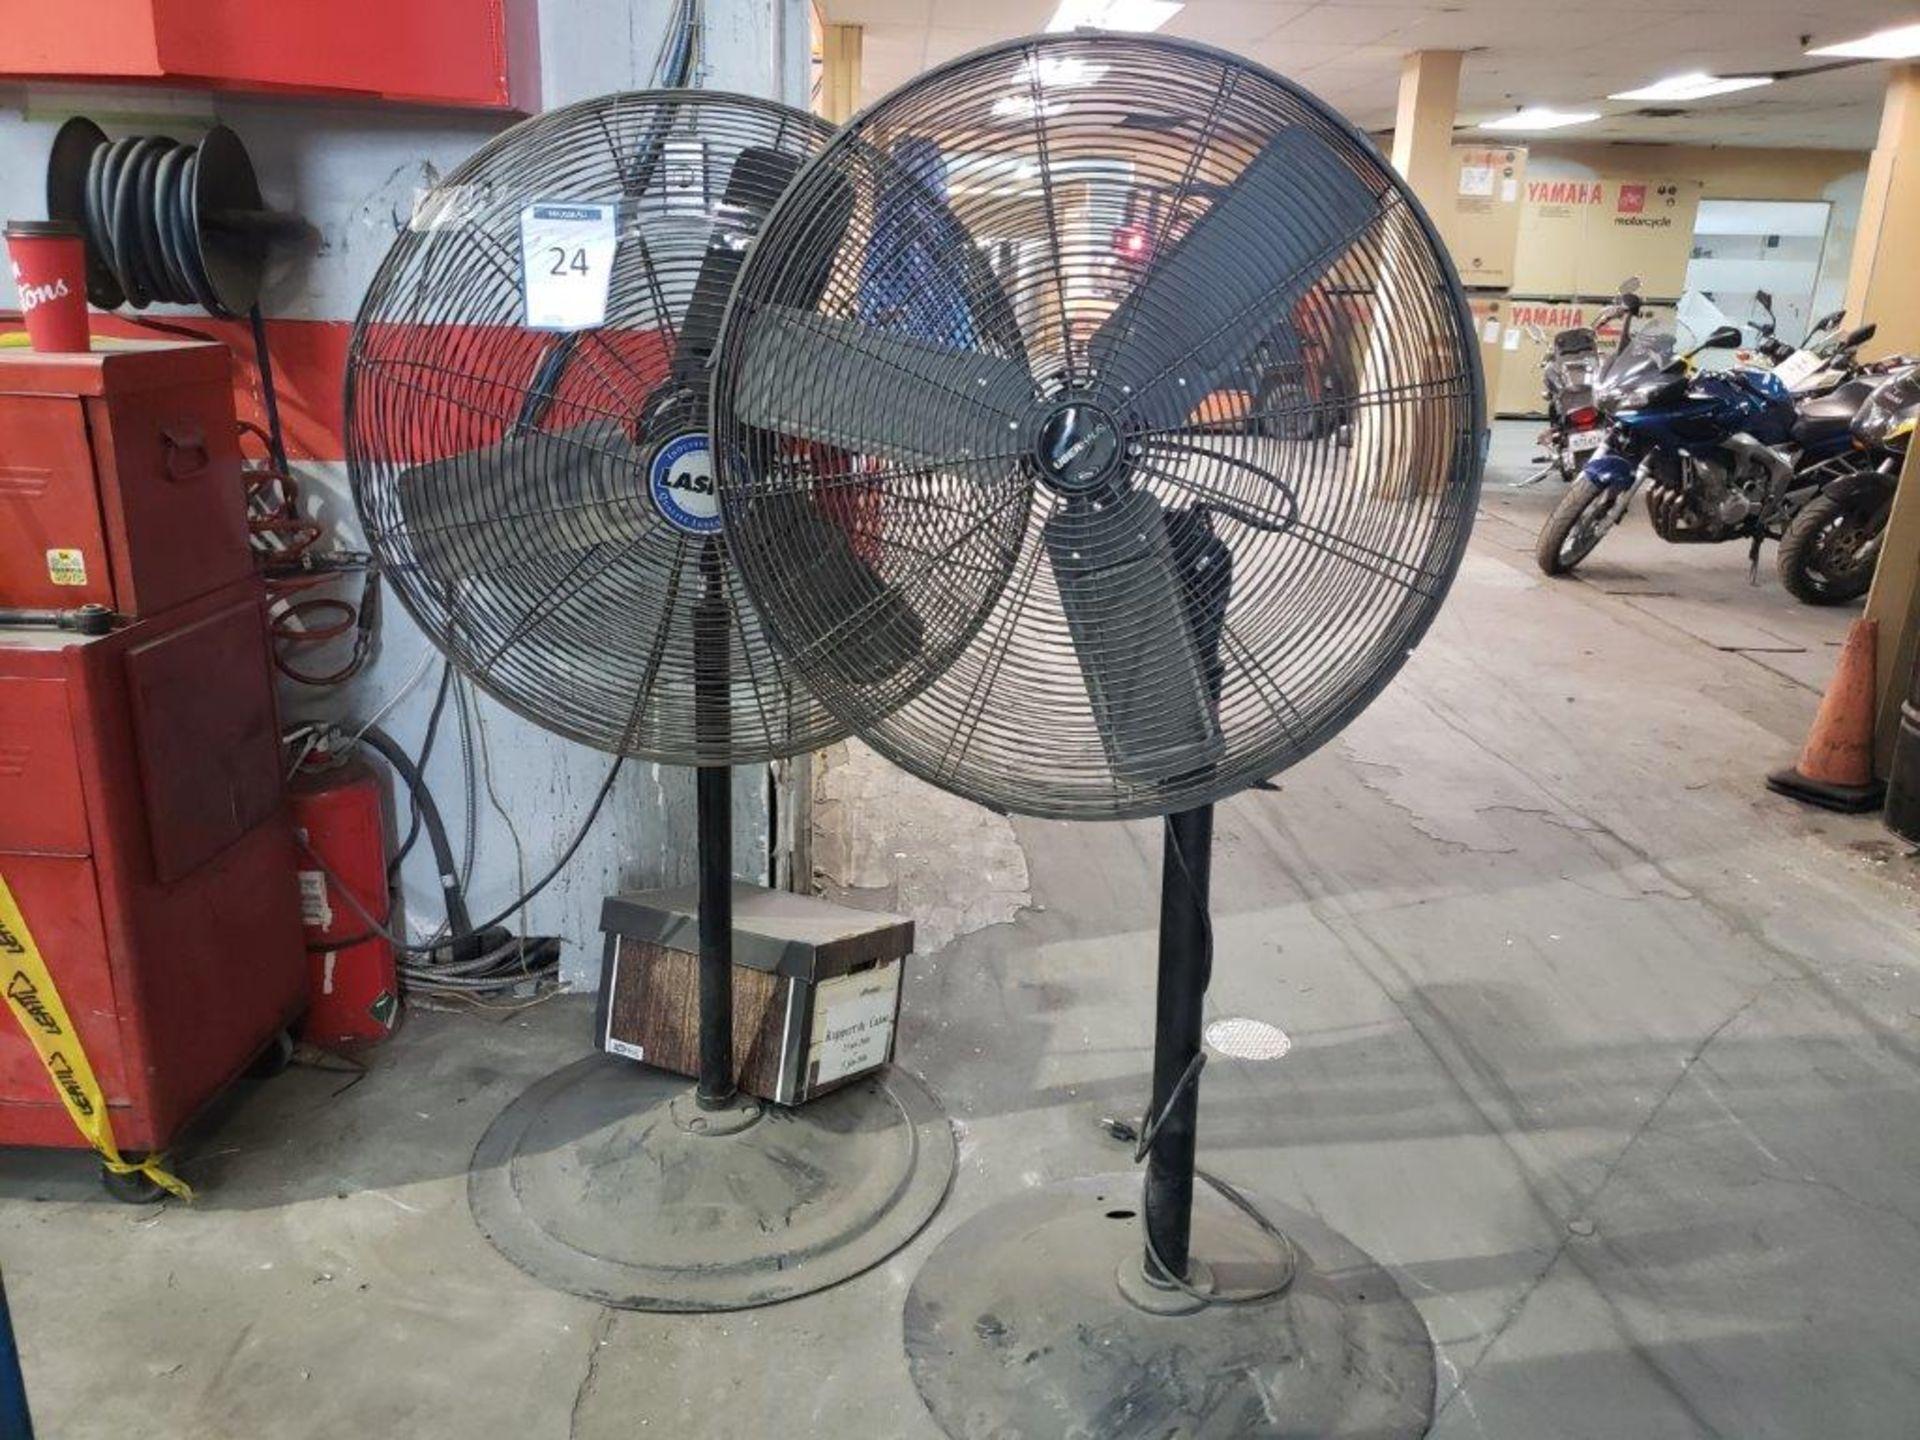 Lot 24 - 2 ventilateur sur pied